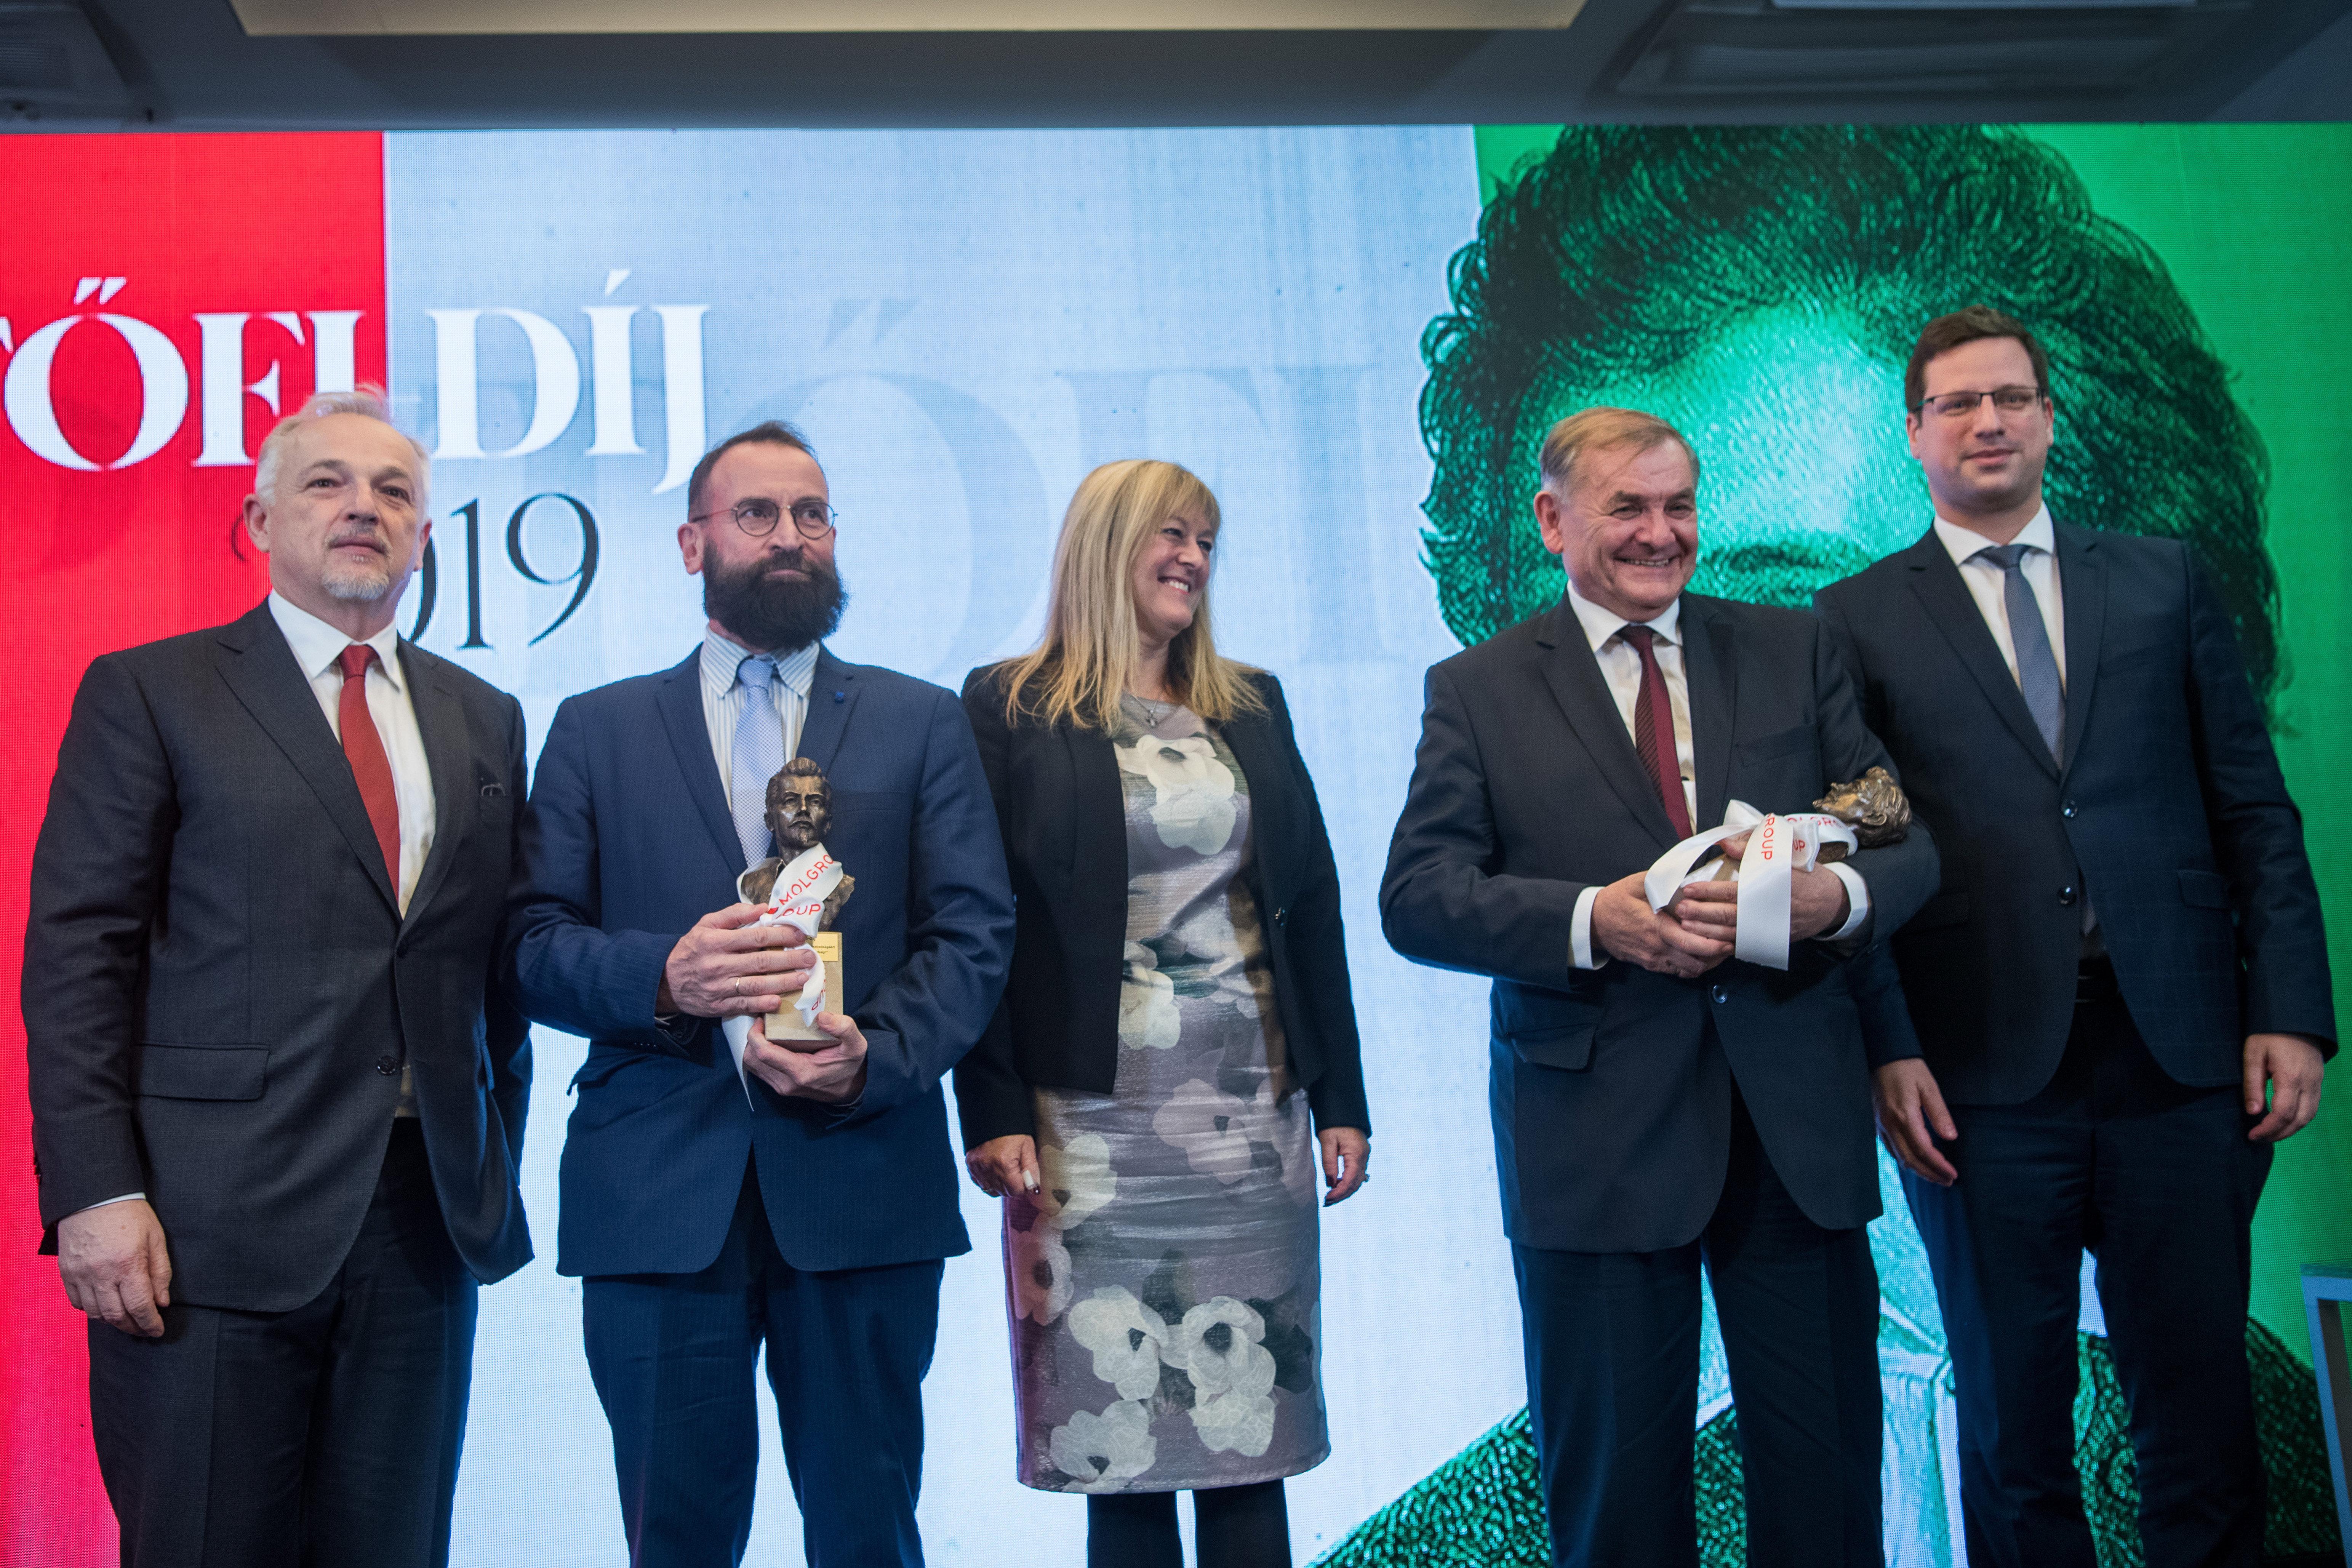 Lezsák Sándor és Szájer József kapták idén a Petőfi-díjat